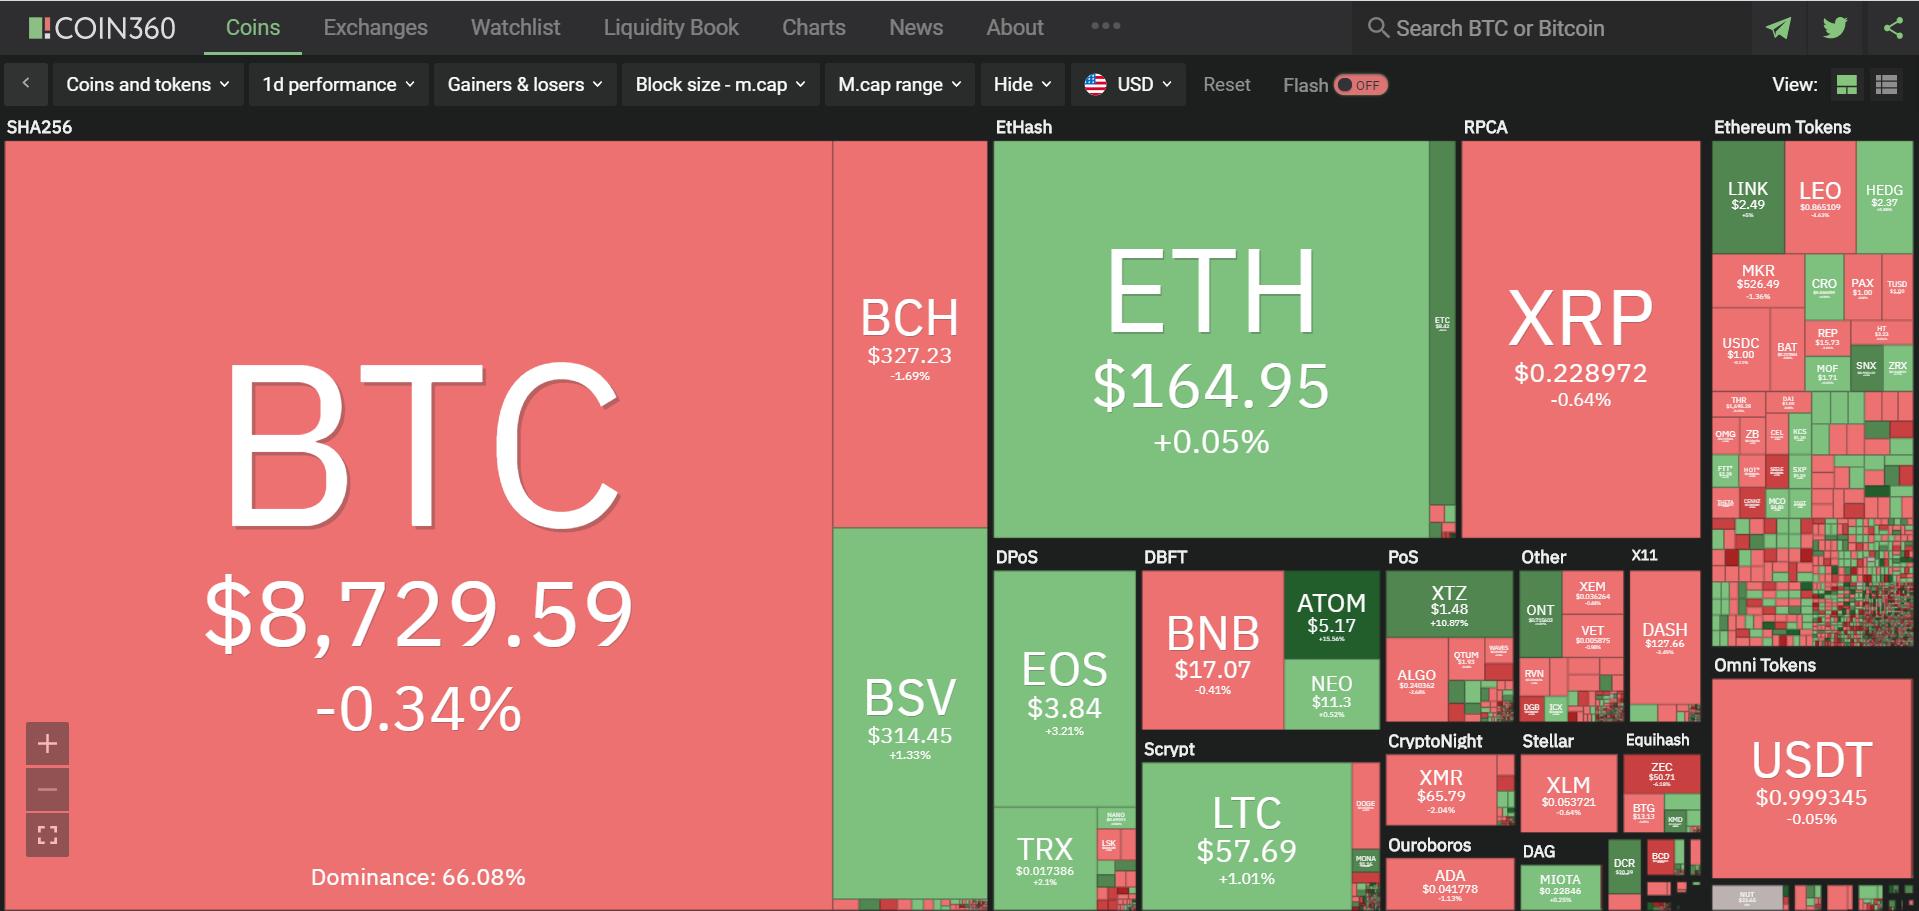 Toàn cảnh thị trường tiền kĩ thuật số hôm nay (17/1) (Nguồn: Coin360.com)